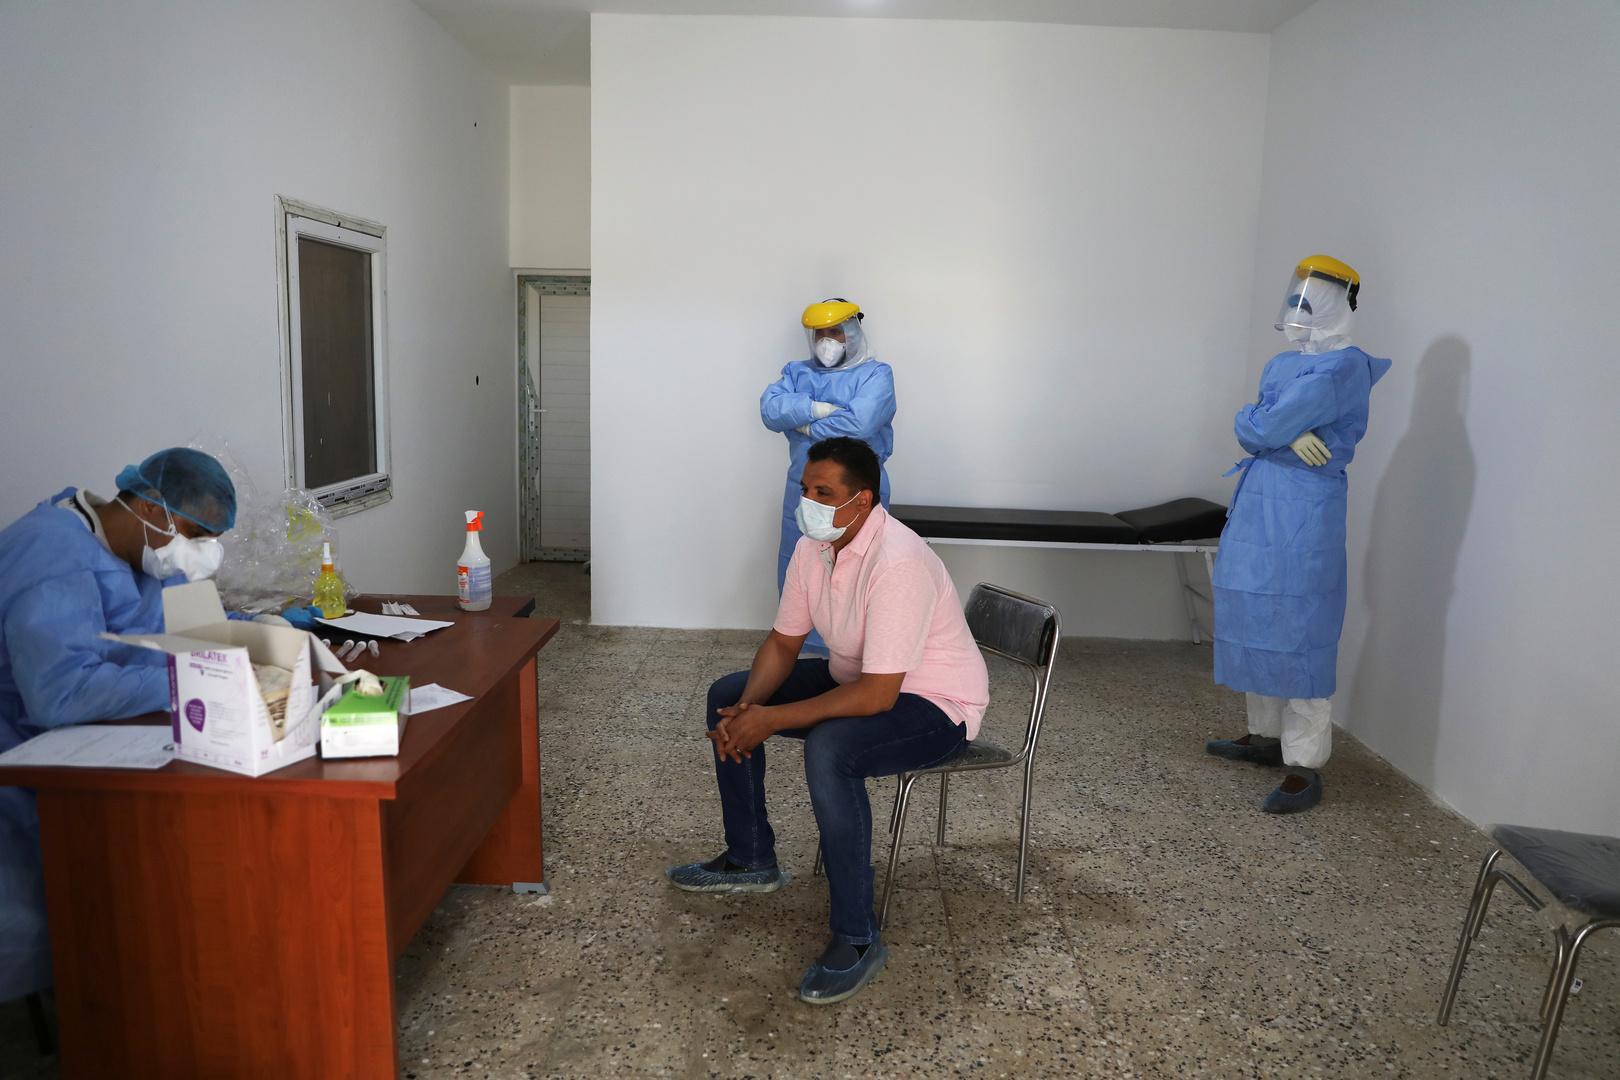 ليبيا تسجل 251 إصابة جديدة بكورونا و3 وفيات